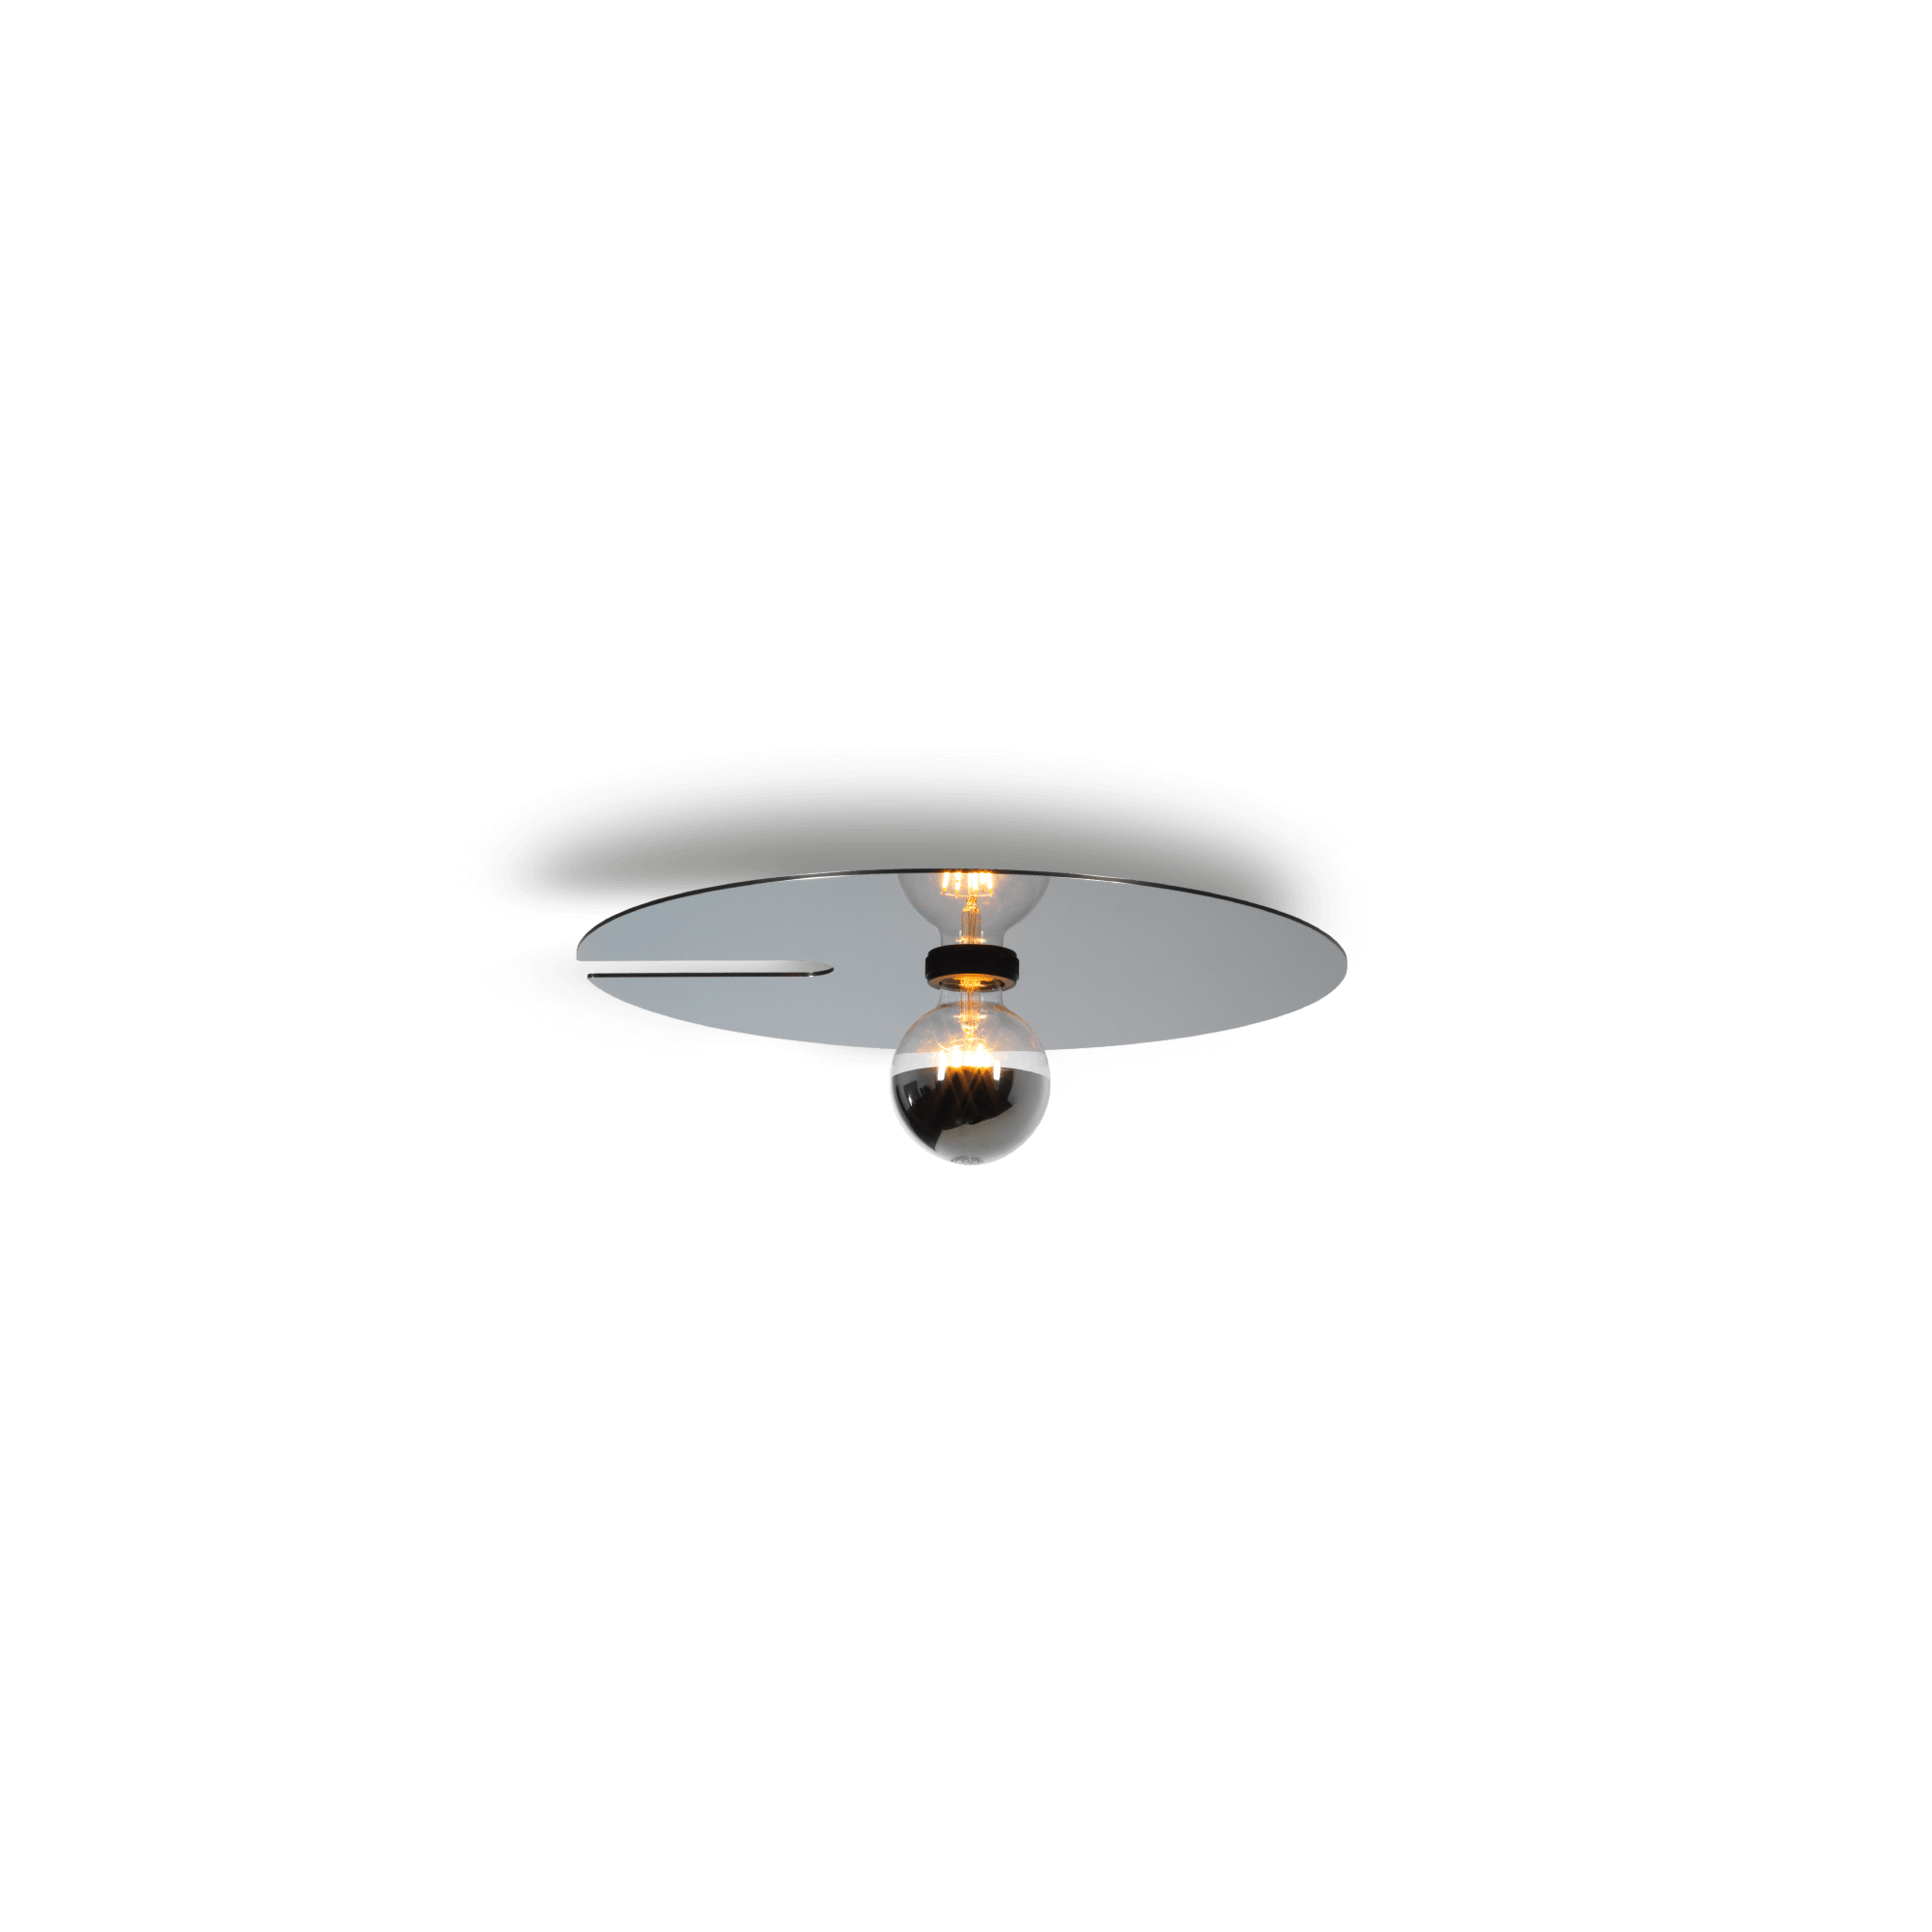 מנורת תקרה דיסקית אפורה